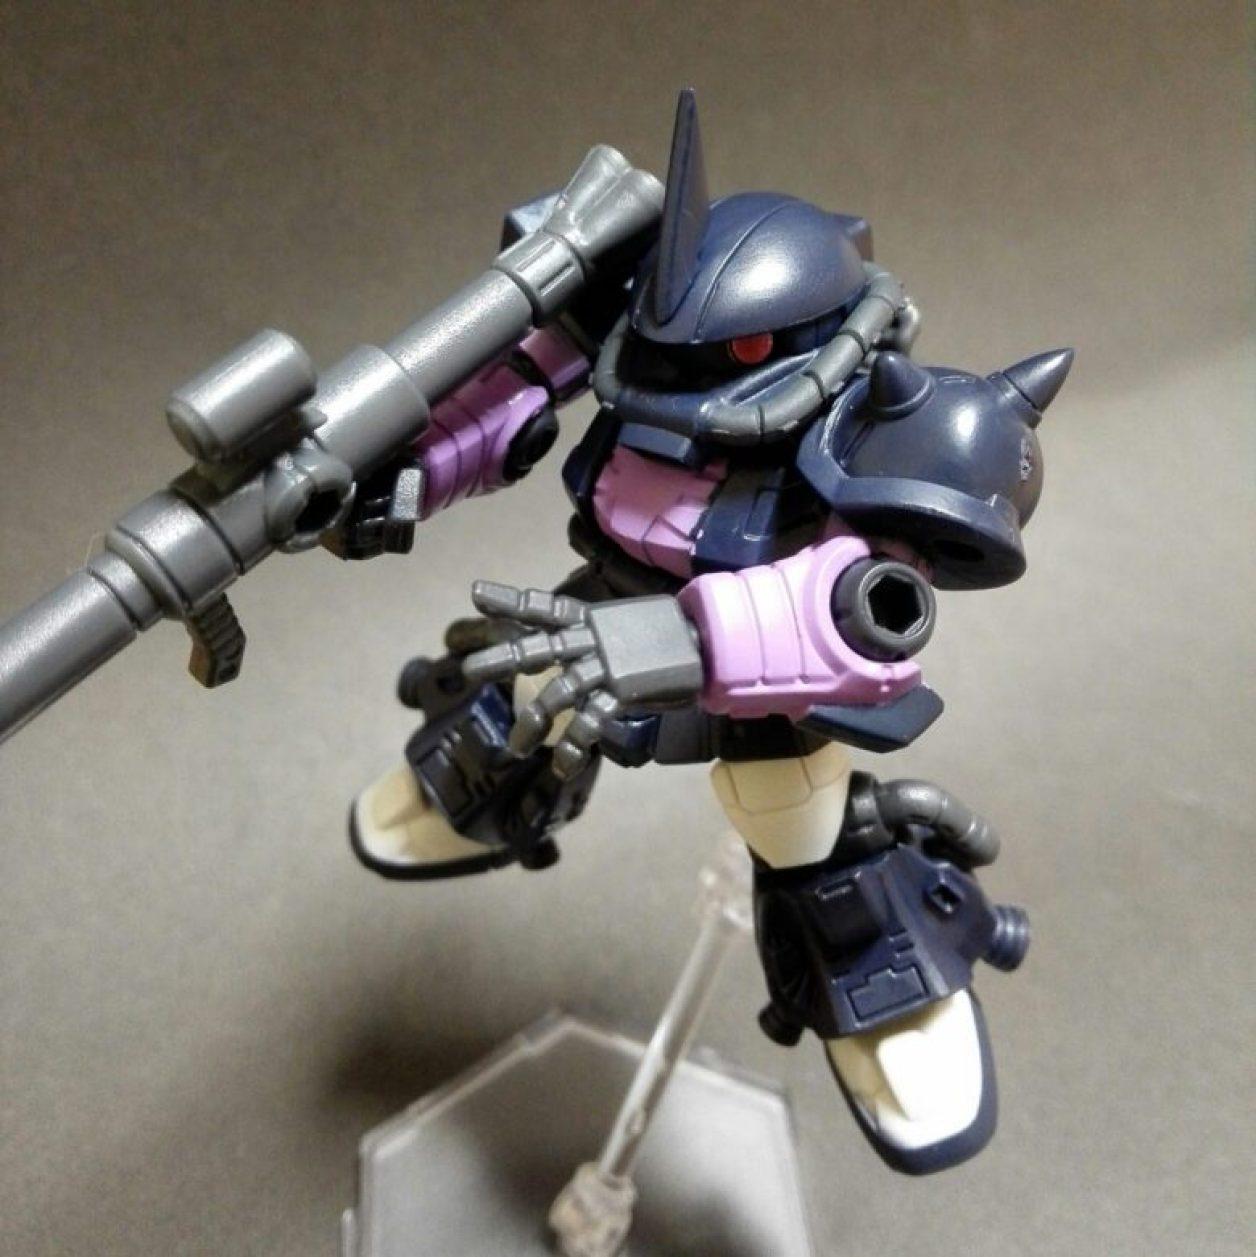 MOBILE SUIT ENSEMBLE(モビルスーツアンサンブル)12弾高機動型ザクIIにMS武器セットのザク・バズーカを装備させた画像